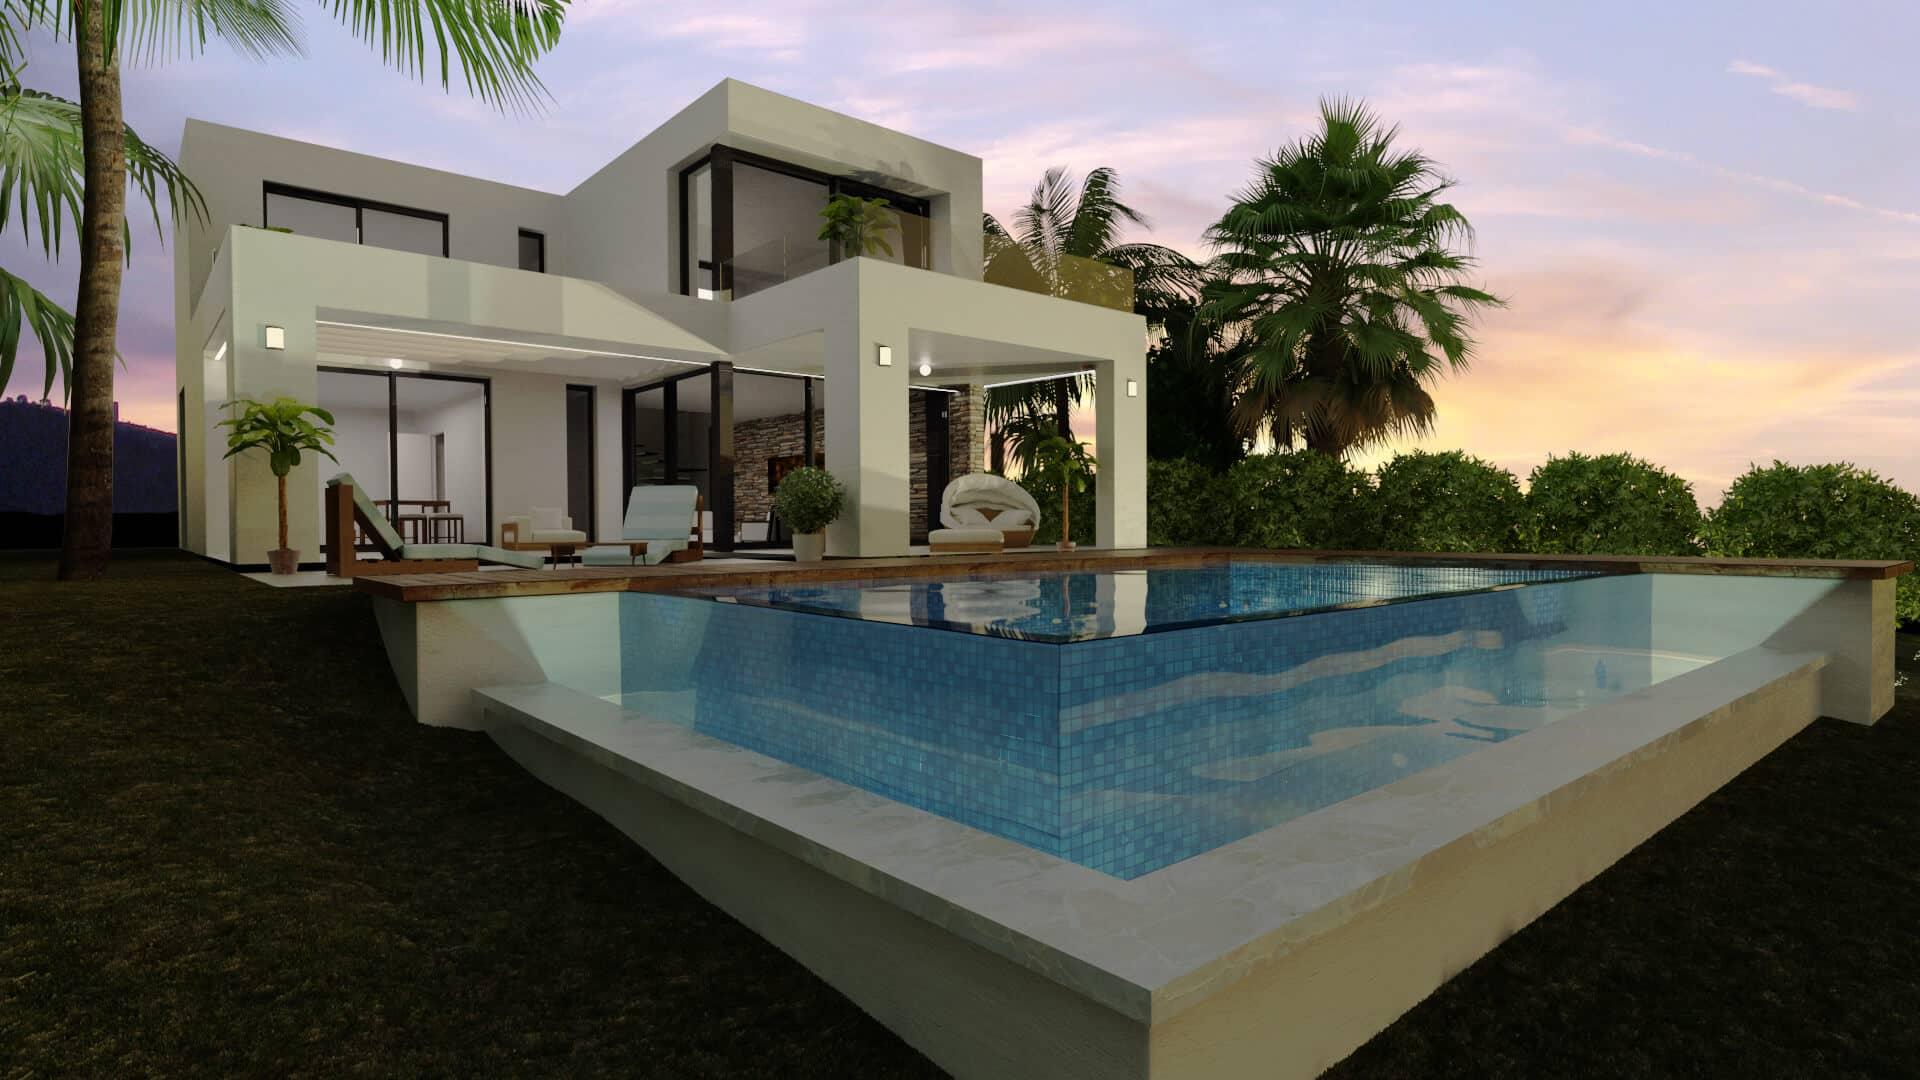 Buena vista hills nieuwbouw villa s in verschillende ontwerpen